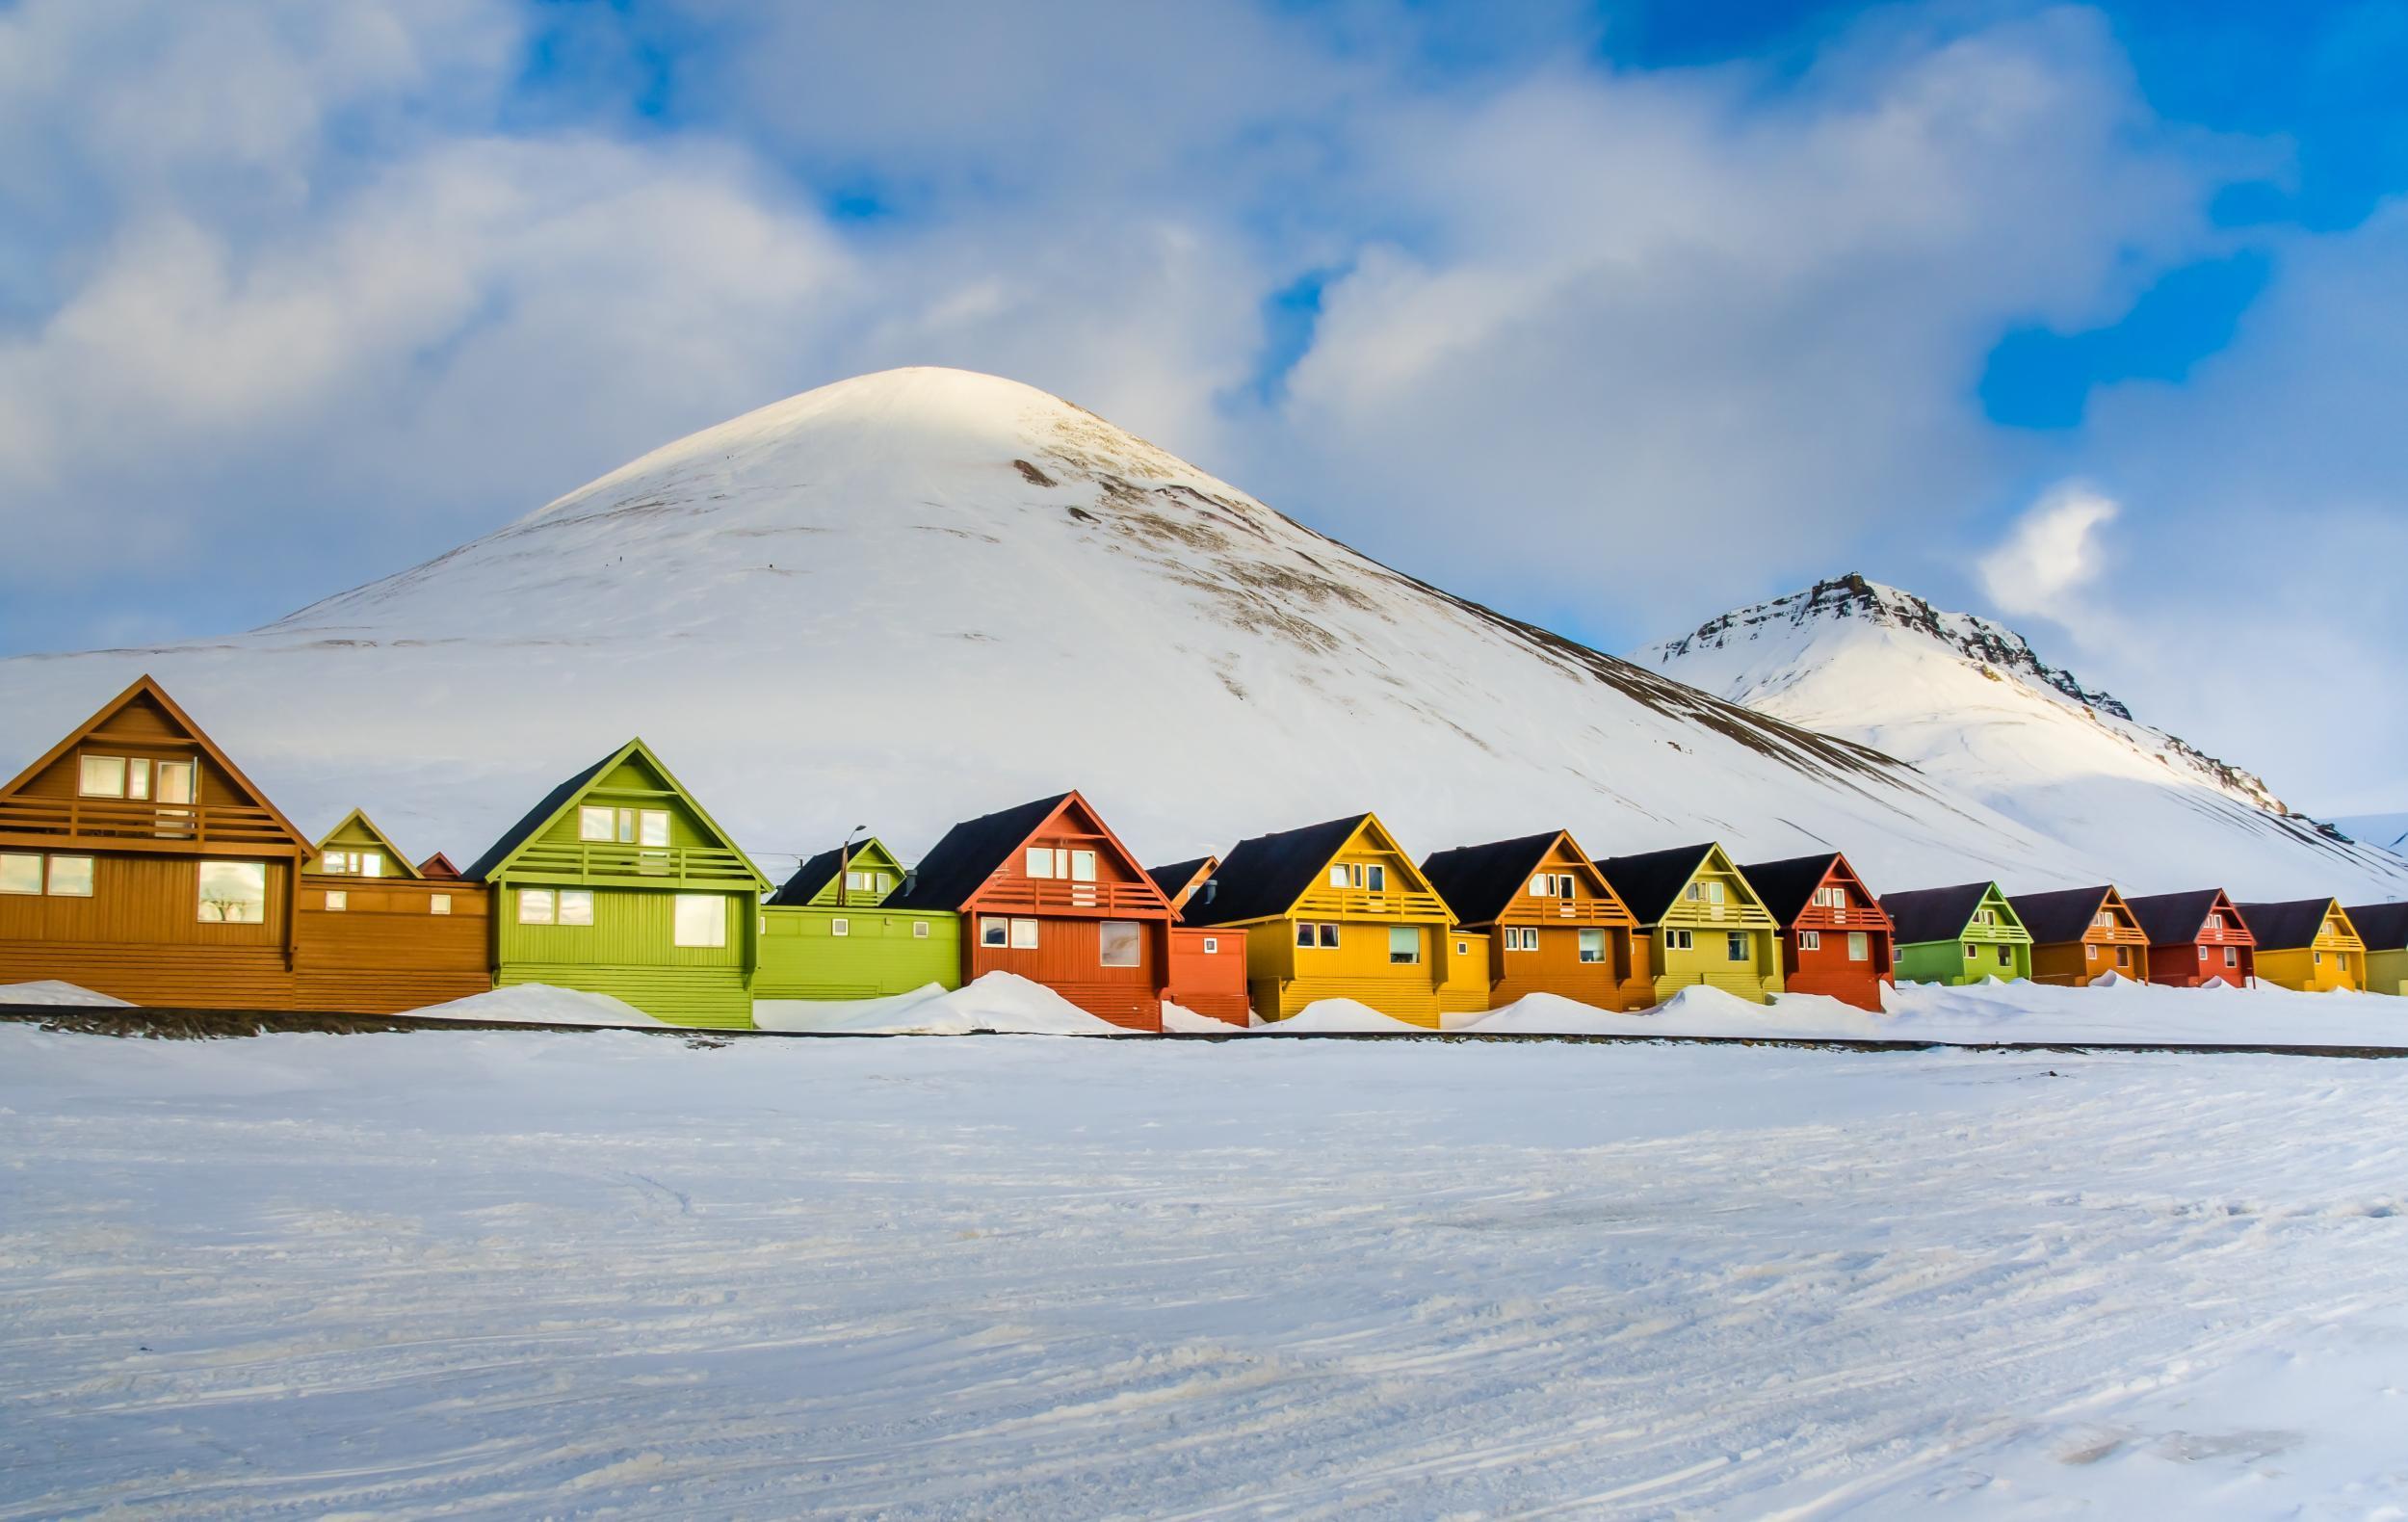 dating Svalbardkohtalo talo sudet ei matchmaking